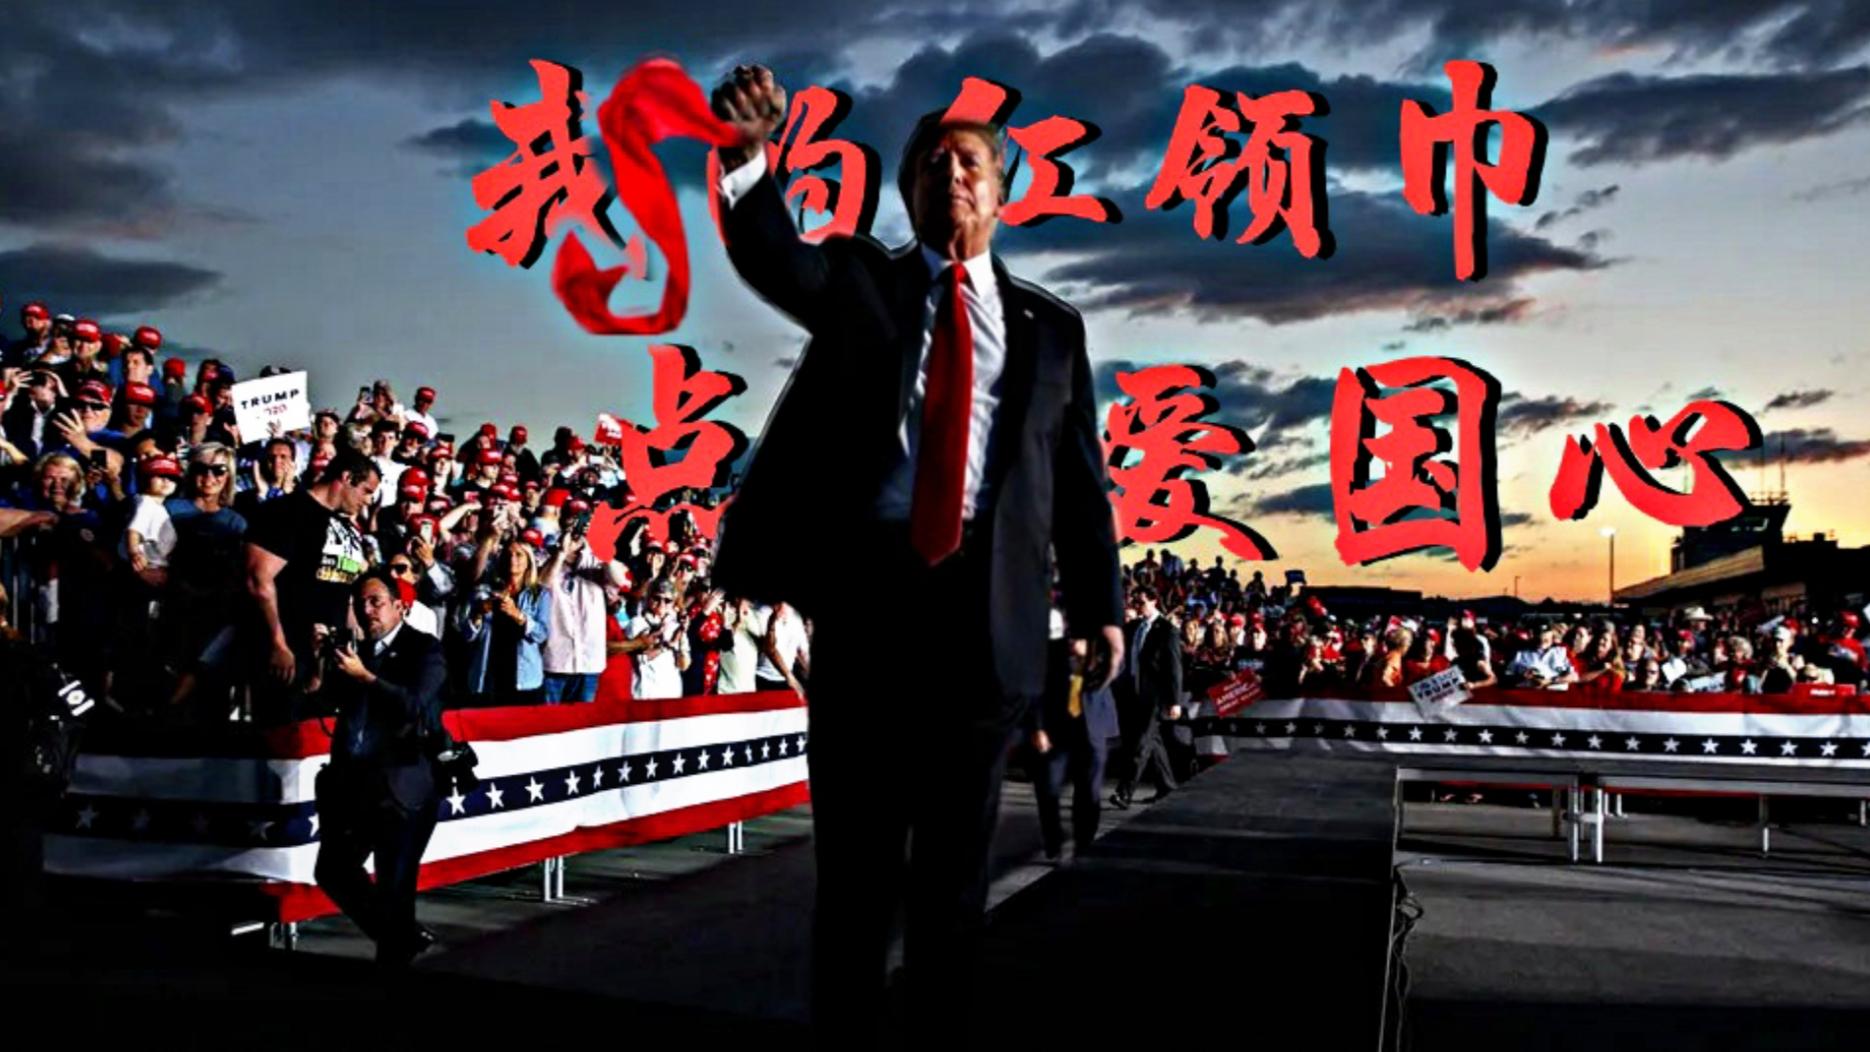 【超A新生计划】我的红领巾,点亮爱国心